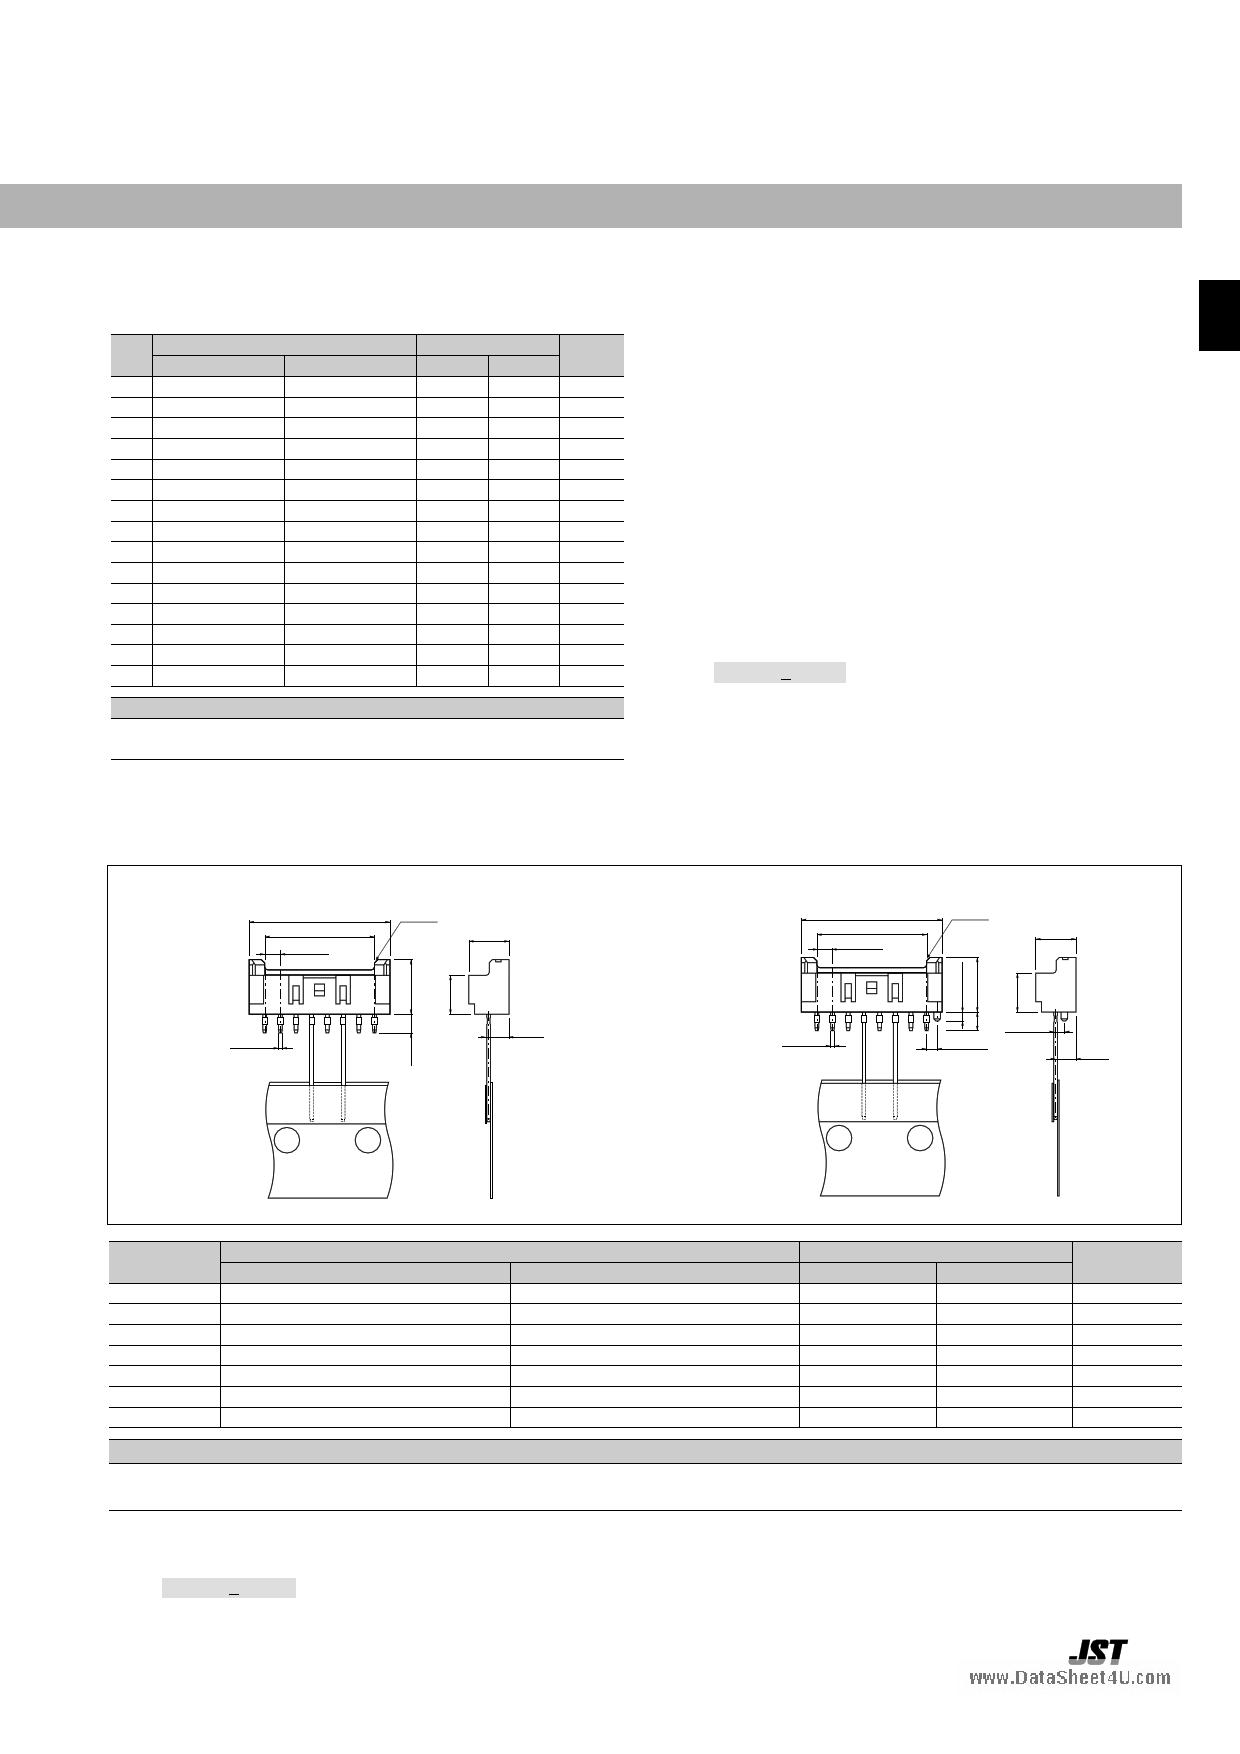 B-03B-XASK-1N-A pdf